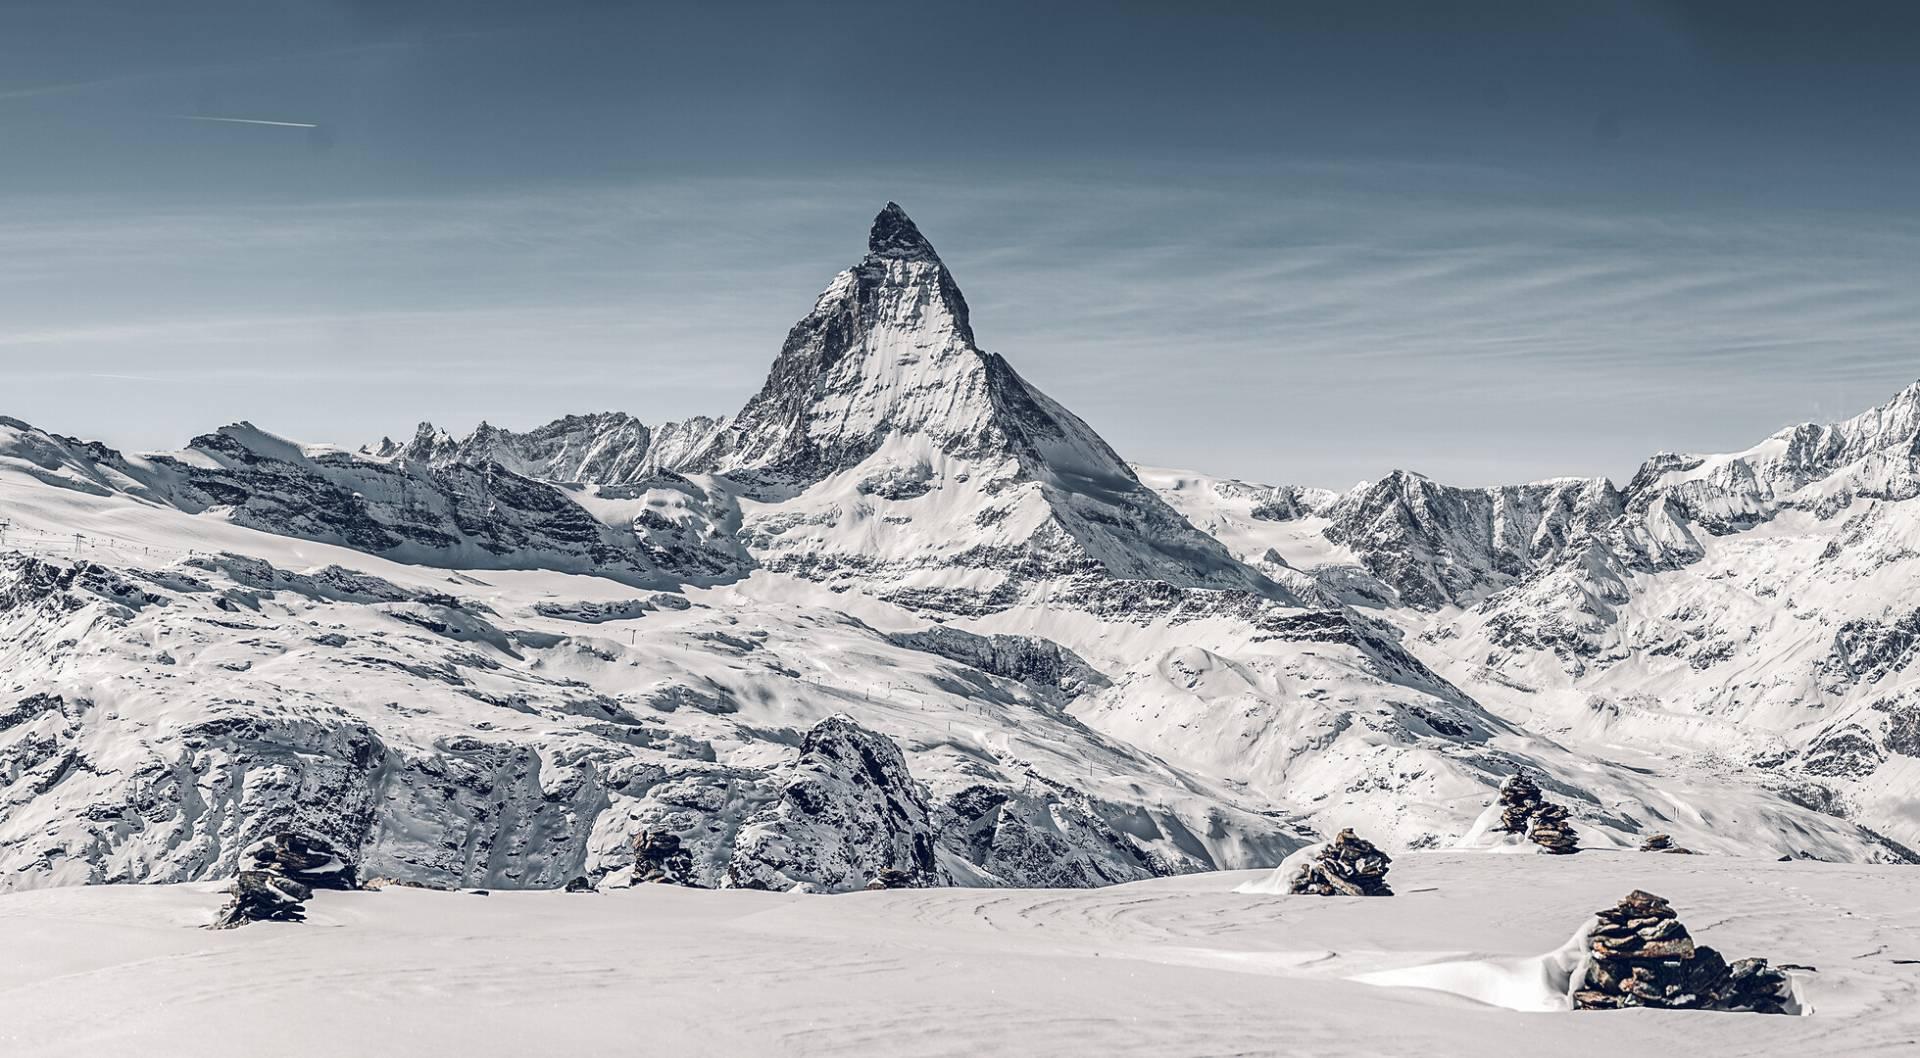 Matterhorn vom Gornergrat aus gesehen im Winter